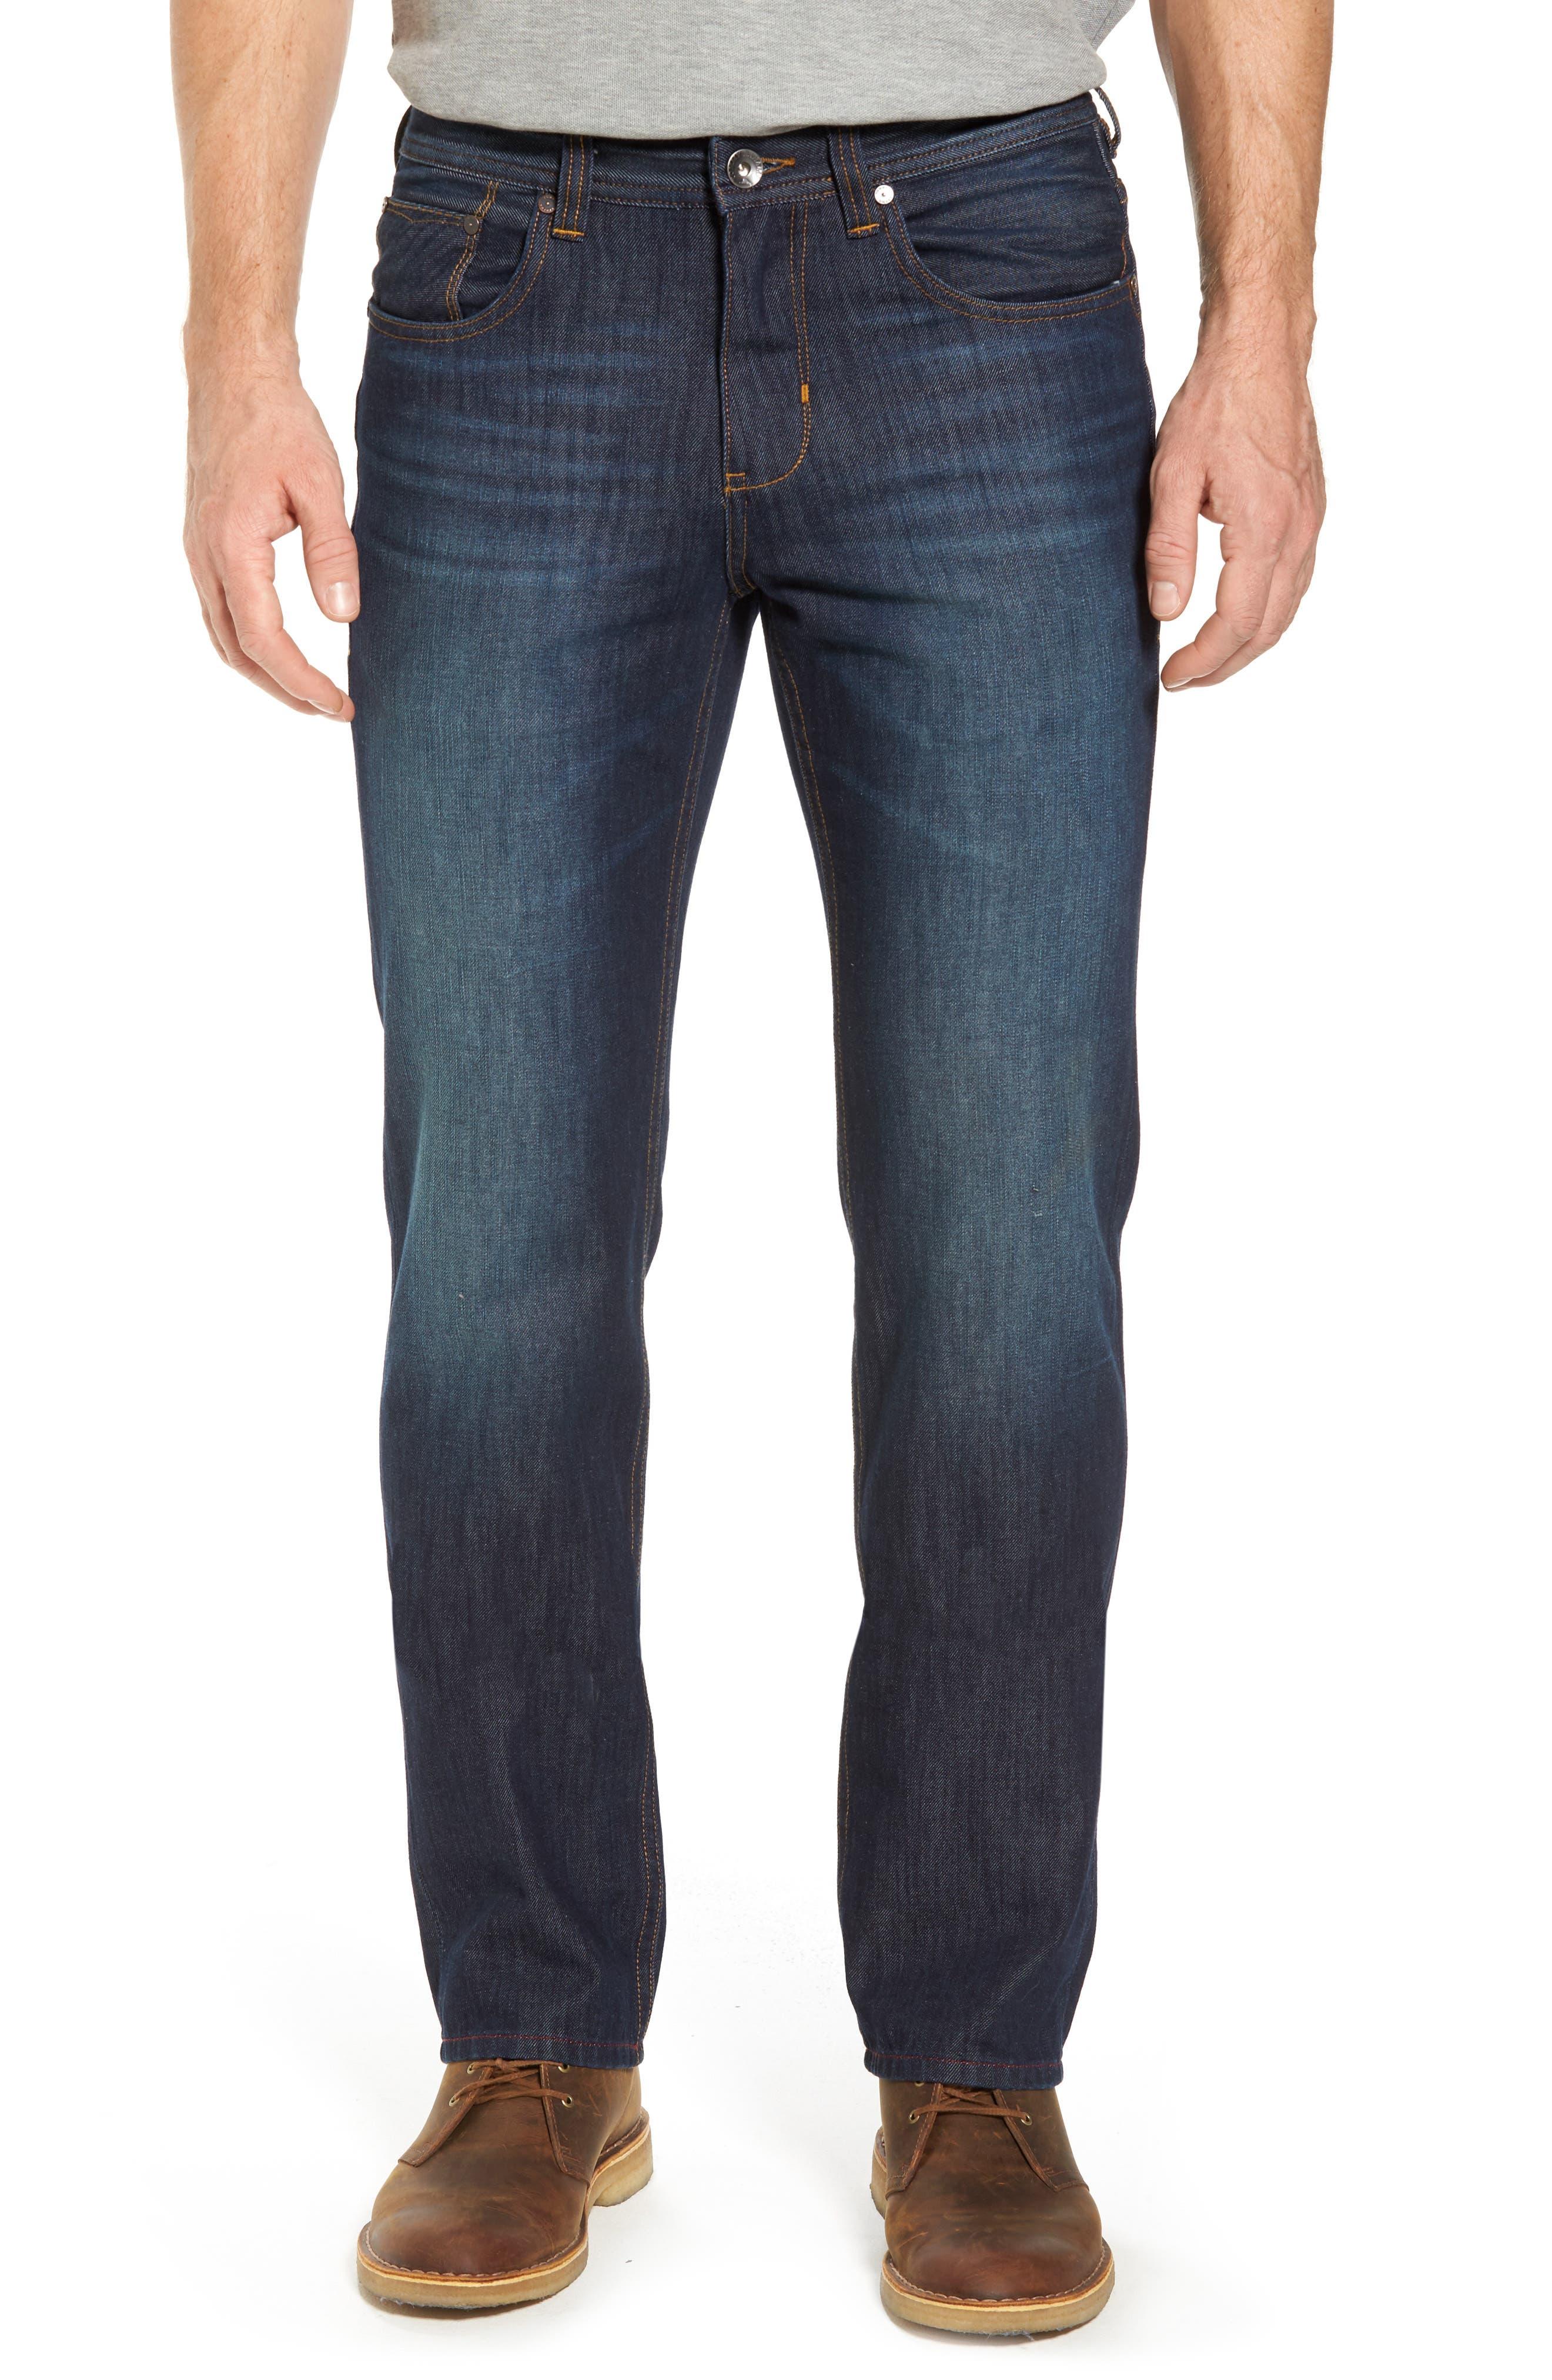 Barbados Straight Leg Jeans,                         Main,                         color, Dark Indigo Wash